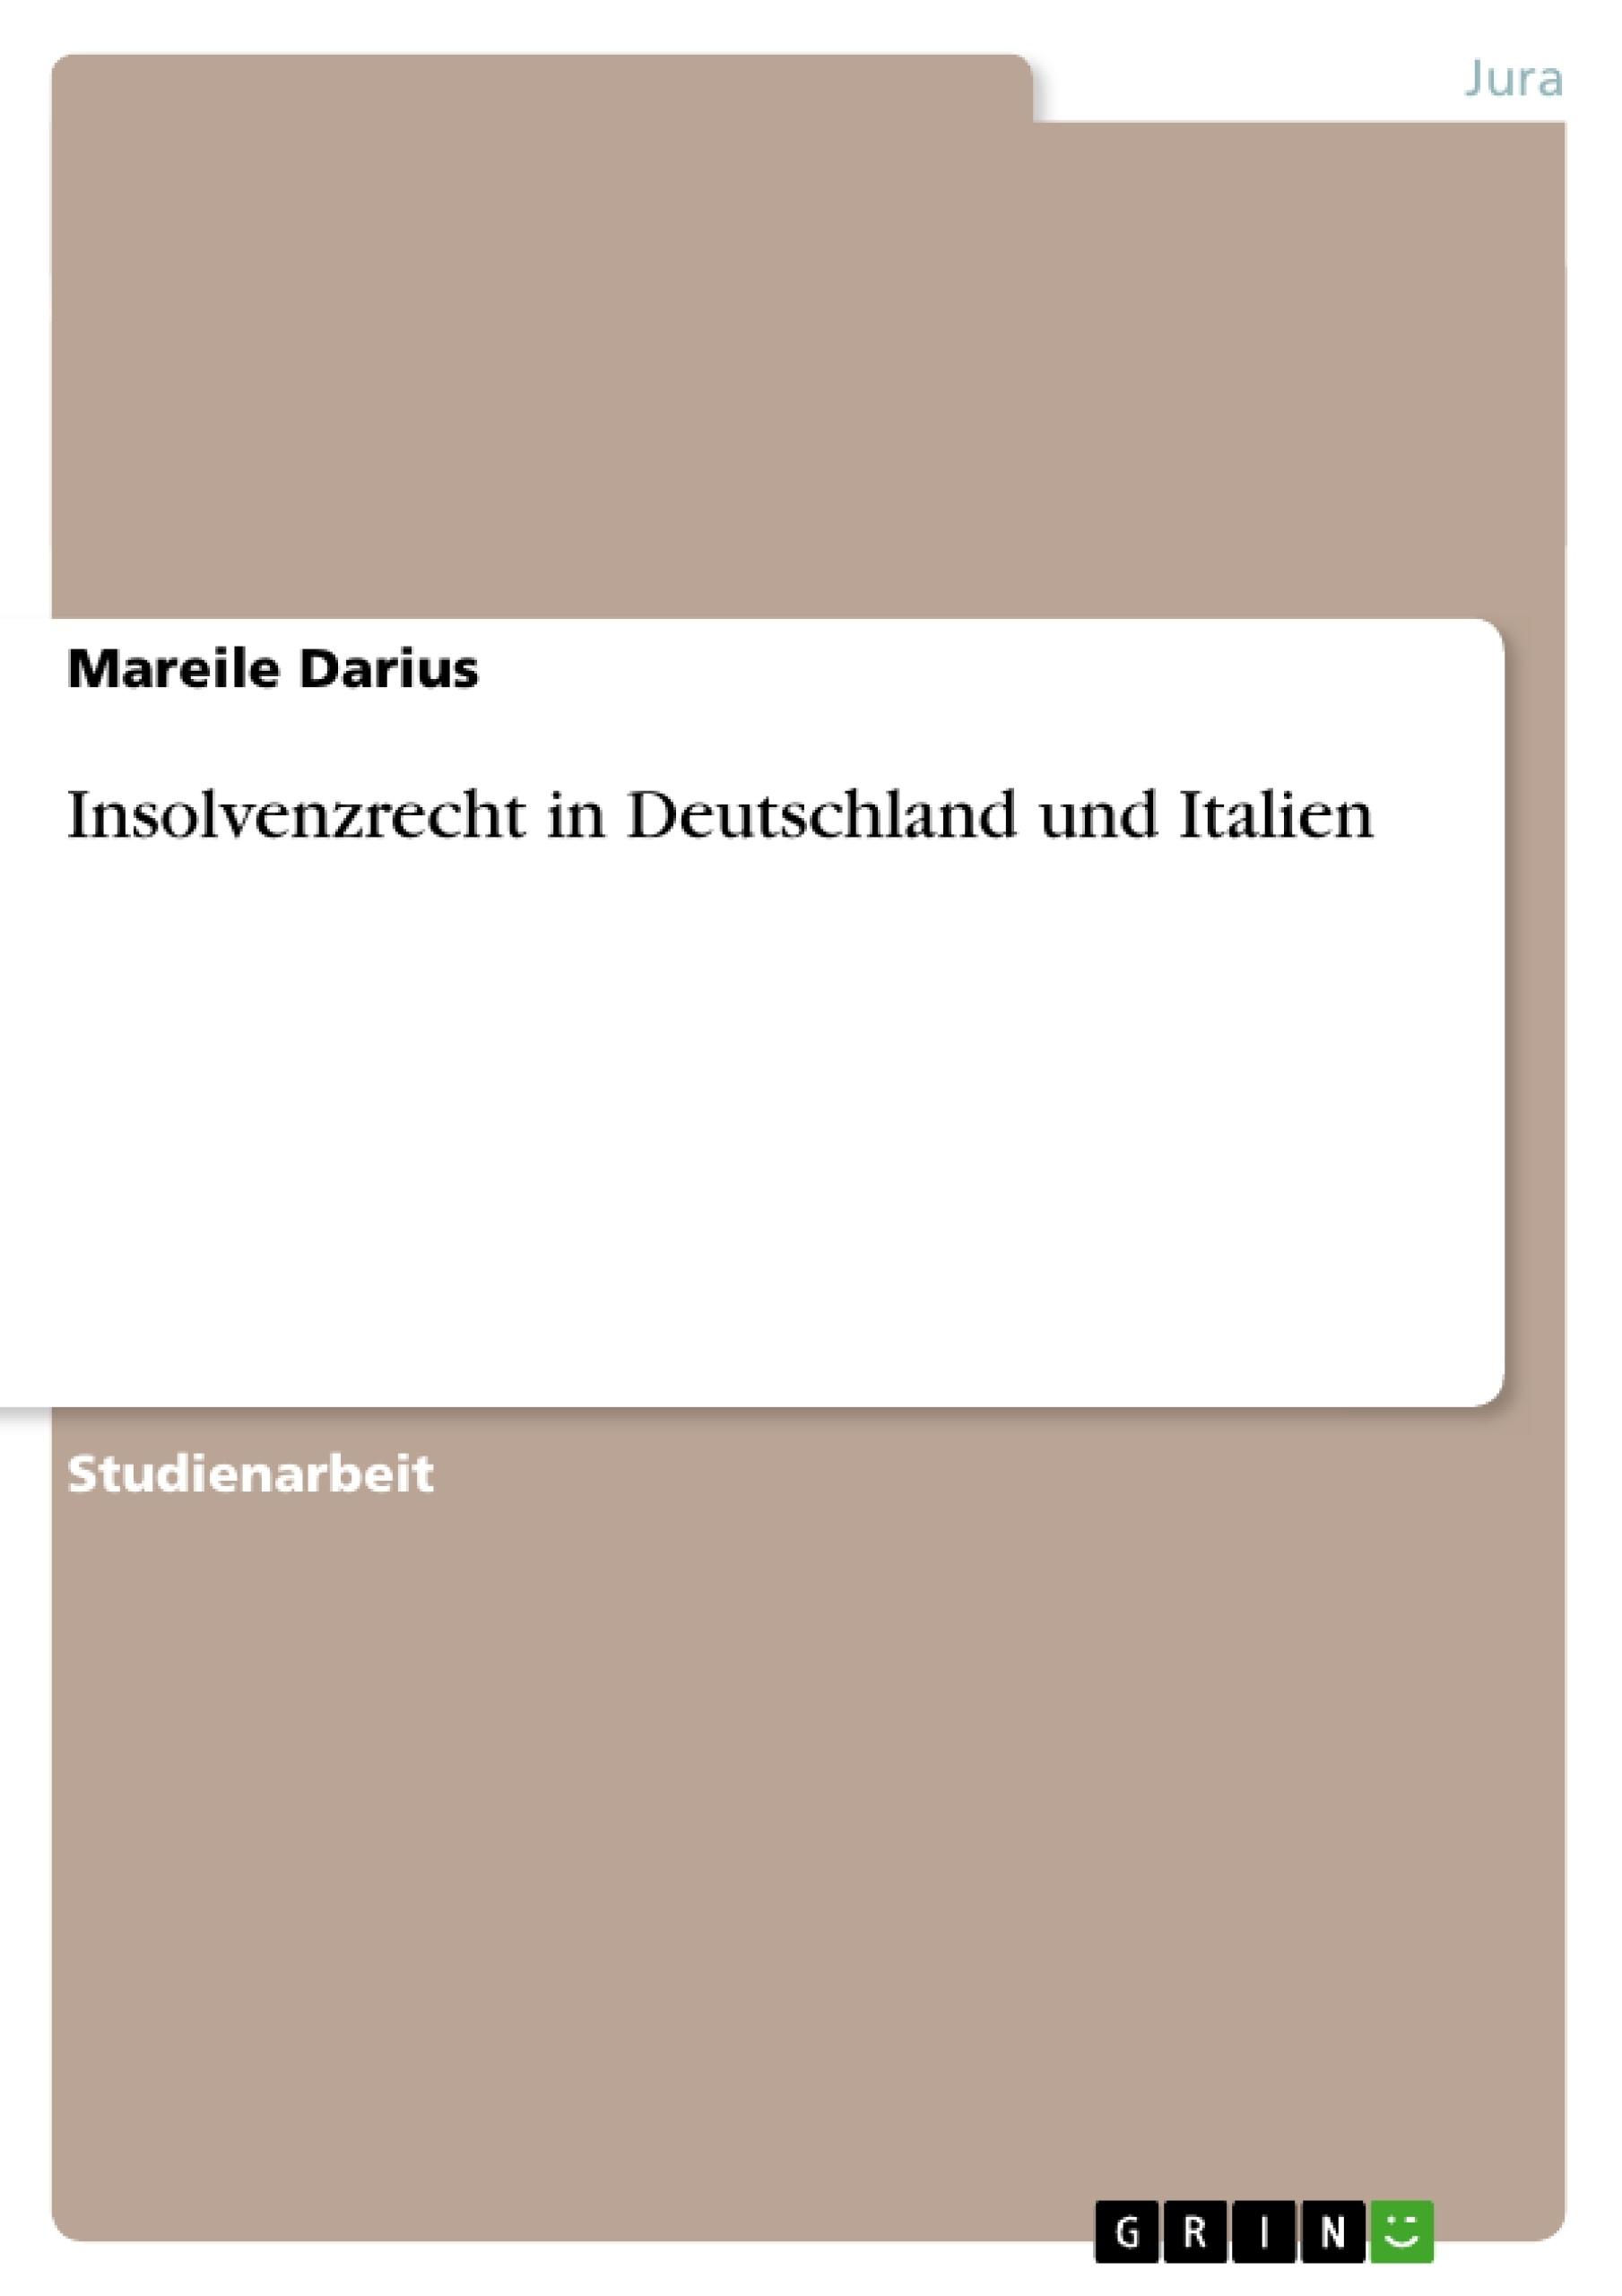 Titel: Insolvenzrecht in Deutschland und Italien